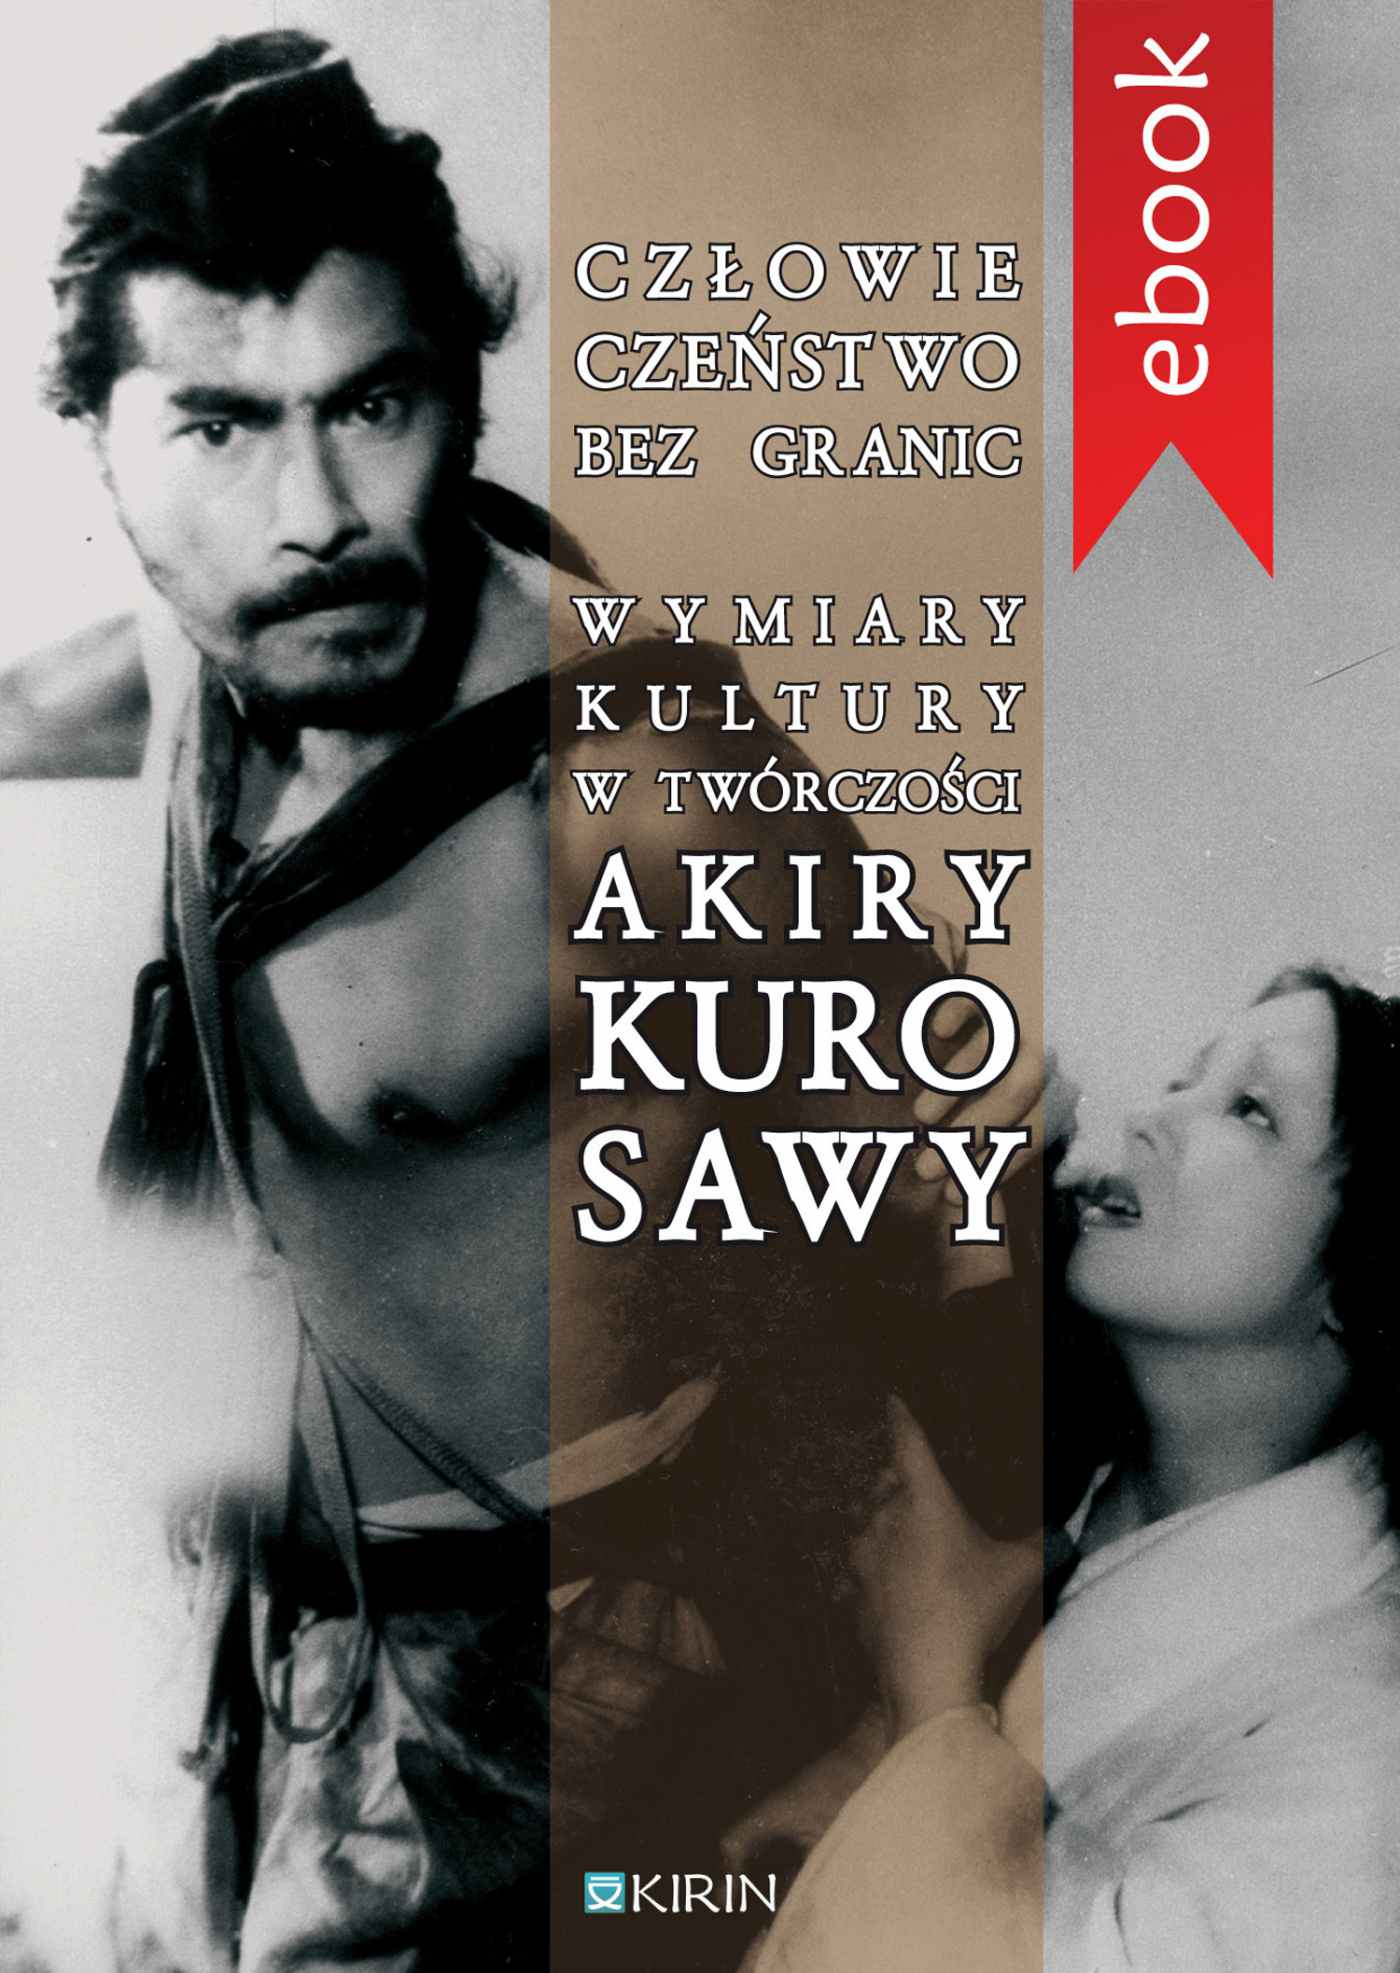 Człowieczeństwo bez granic. Wymiary kutury w twórczości Akiry Kurosawy - Ebook (Książka na Kindle) do pobrania w formacie MOBI